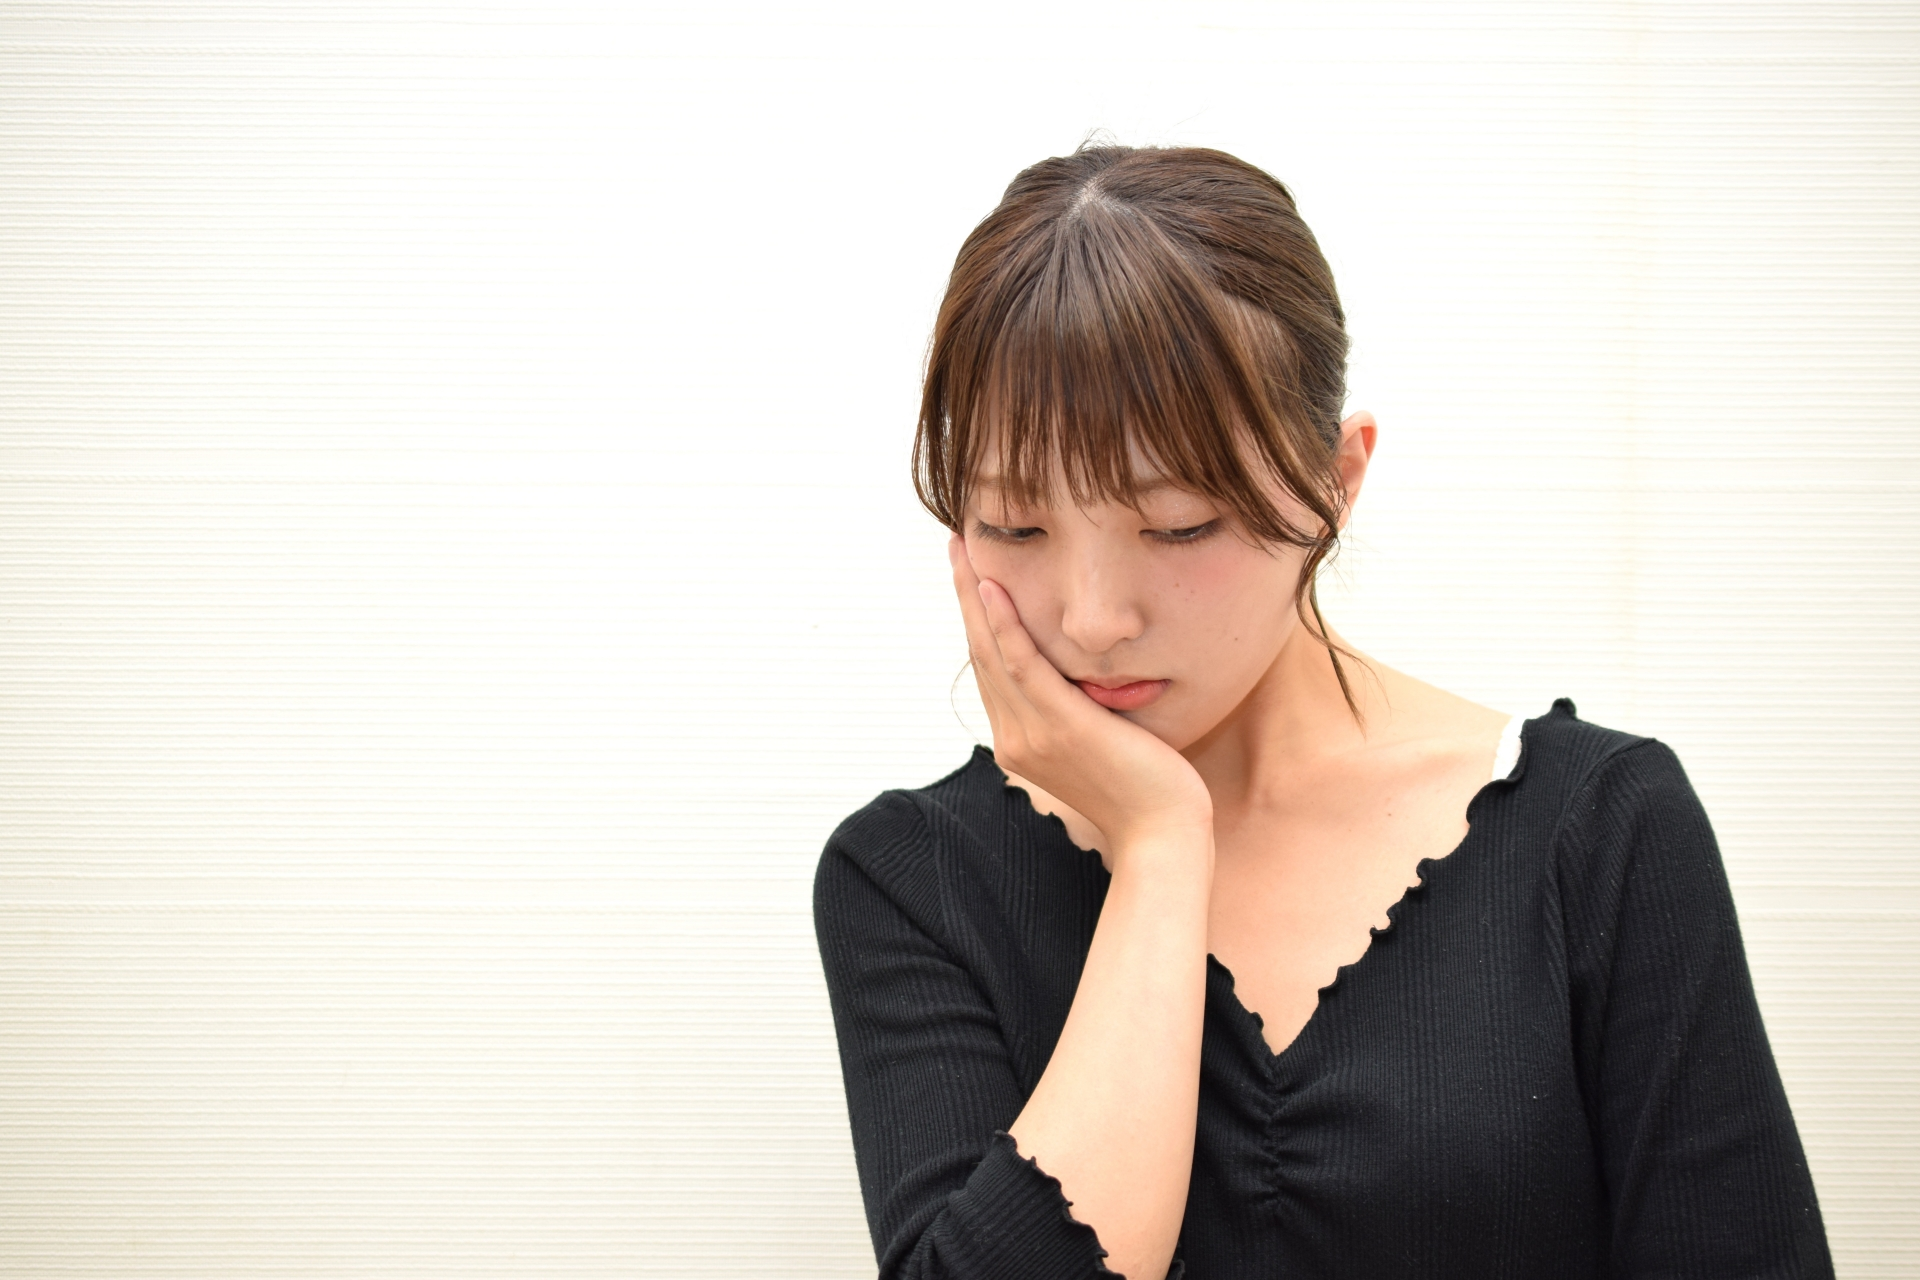 産後のホルモン・自律神経の乱れが招くリスクと回復させる方法